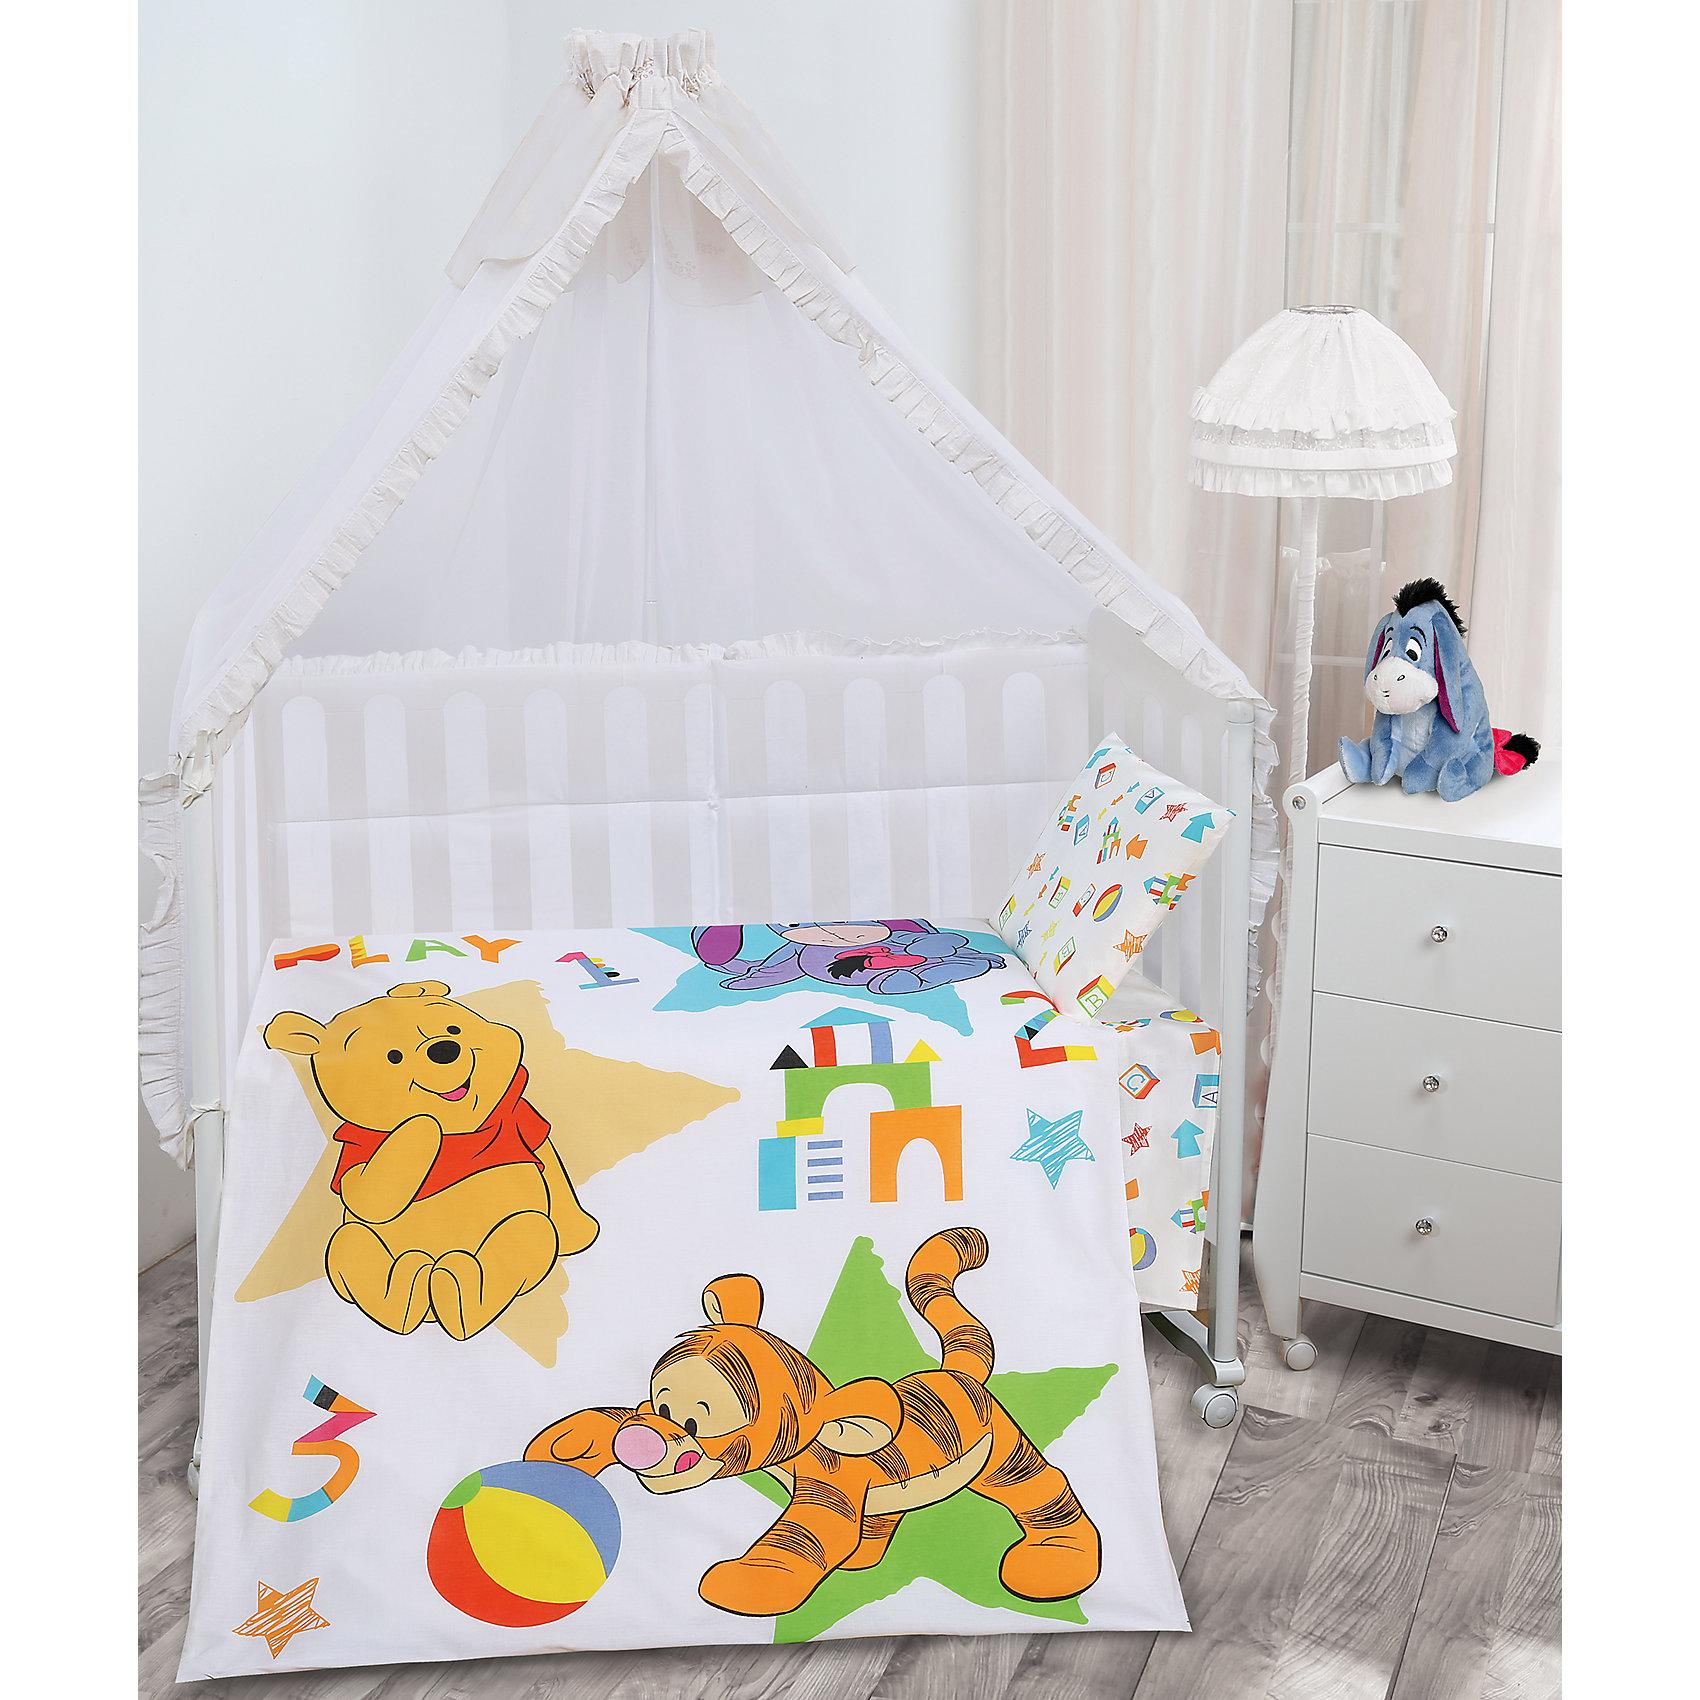 Постельное белье детское Игры (наволочка 40*60 см), Винни ПухДетский комплект Игры (наволочка 40*60 см), Винни Пух – это яркое постельное белье убаюкивает вашего ребенка и подарит ему сказочный сон.<br>С детским комплектом Игры, Винни Пух Ваш малыш с удовольствием будет укладываться в свою кроватку и видеть чудесные сказочные сны. Красочный комплект из качественной бязи украшен изображением мишки Винни, знаменитого персонажа диснеевского мультика о Винни-Пухе и его друзьях. Бязевое постельное белье состоит из 100% хлопка самого простого полотняного переплетения из достаточно толстых, но мягких нитей, приятное на ощупь и хорошо пропускает воздух. Устойчивые красители безопасны для здоровья ребенка. Белье хорошо переносит большое количество стирок.<br><br>Дополнительная информация:<br><br>- Размер комплекта: ясельный<br>- В комплекте: пододеяльник 110х145см., простынь 100х145см., наволочка 40х60см.<br>- Тип застежки: прорезь<br>- Материал: бязь<br>- Состав: 100% хлопок<br>- Размер упаковки: 20 х 5 х 25 см.<br>- Вес: 0,8 кг.<br><br>Детский комплект Игры (наволочка 40*60 см), Винни Пух можно купить в нашем интернет-магазине.<br><br>Ширина мм: 200<br>Глубина мм: 50<br>Высота мм: 250<br>Вес г: 800<br>Возраст от месяцев: 0<br>Возраст до месяцев: 36<br>Пол: Унисекс<br>Возраст: Детский<br>SKU: 4069018